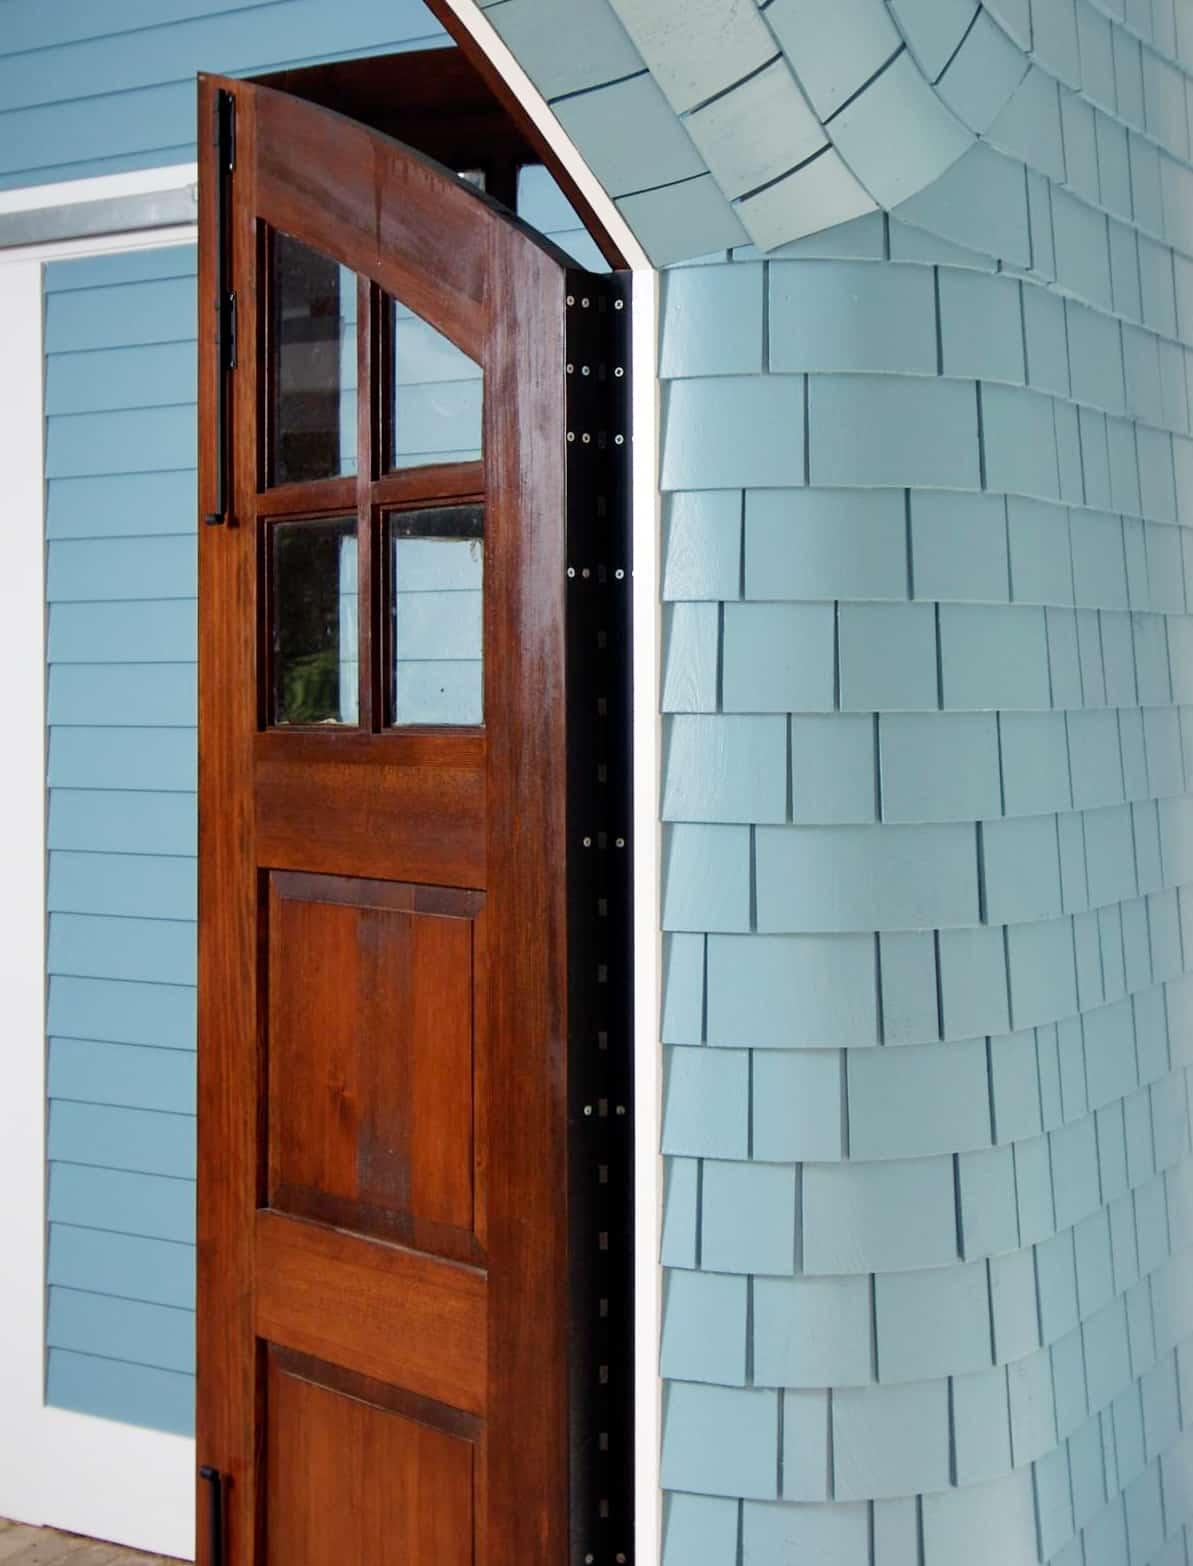 1. One side of Bi-Folding Doors